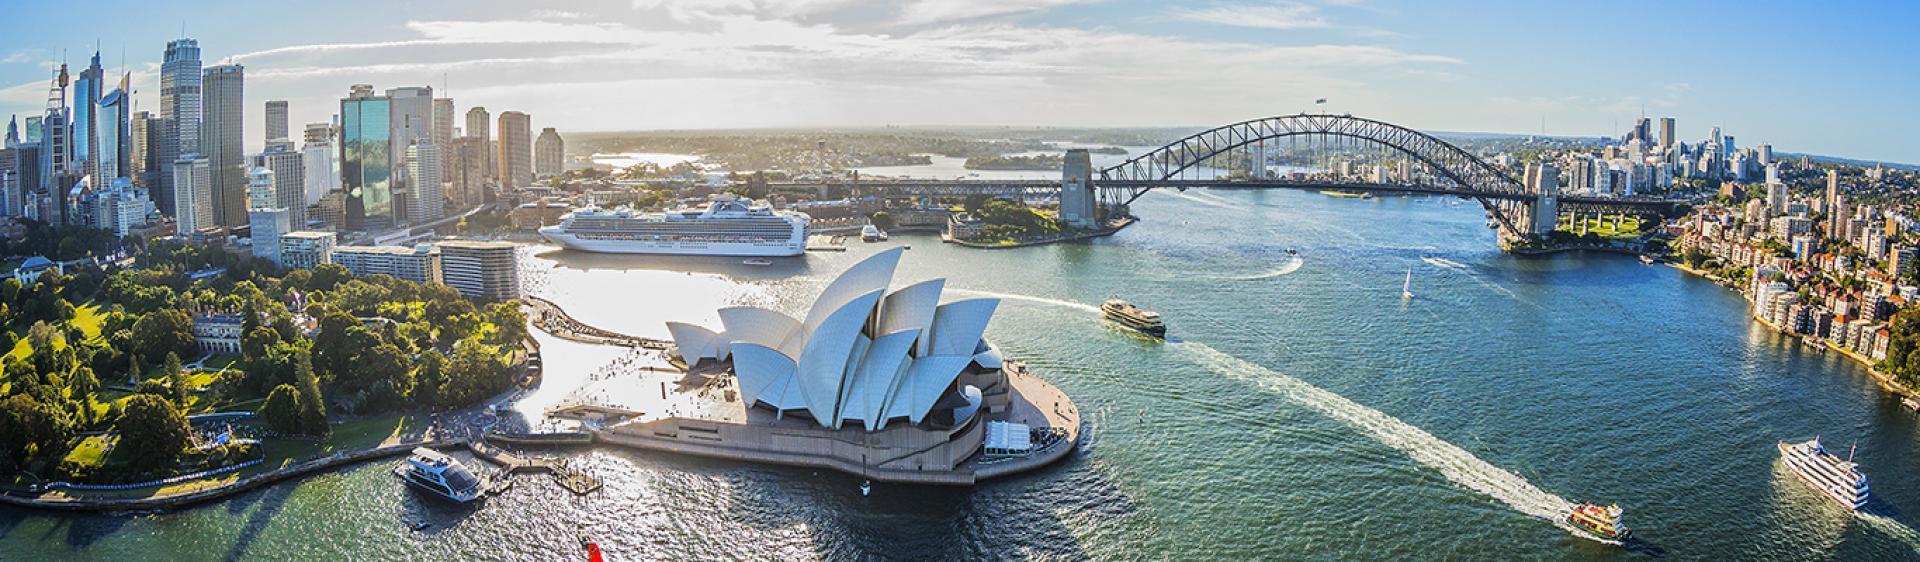 Một hành trình 2 quốc gia Úc và New Zealand